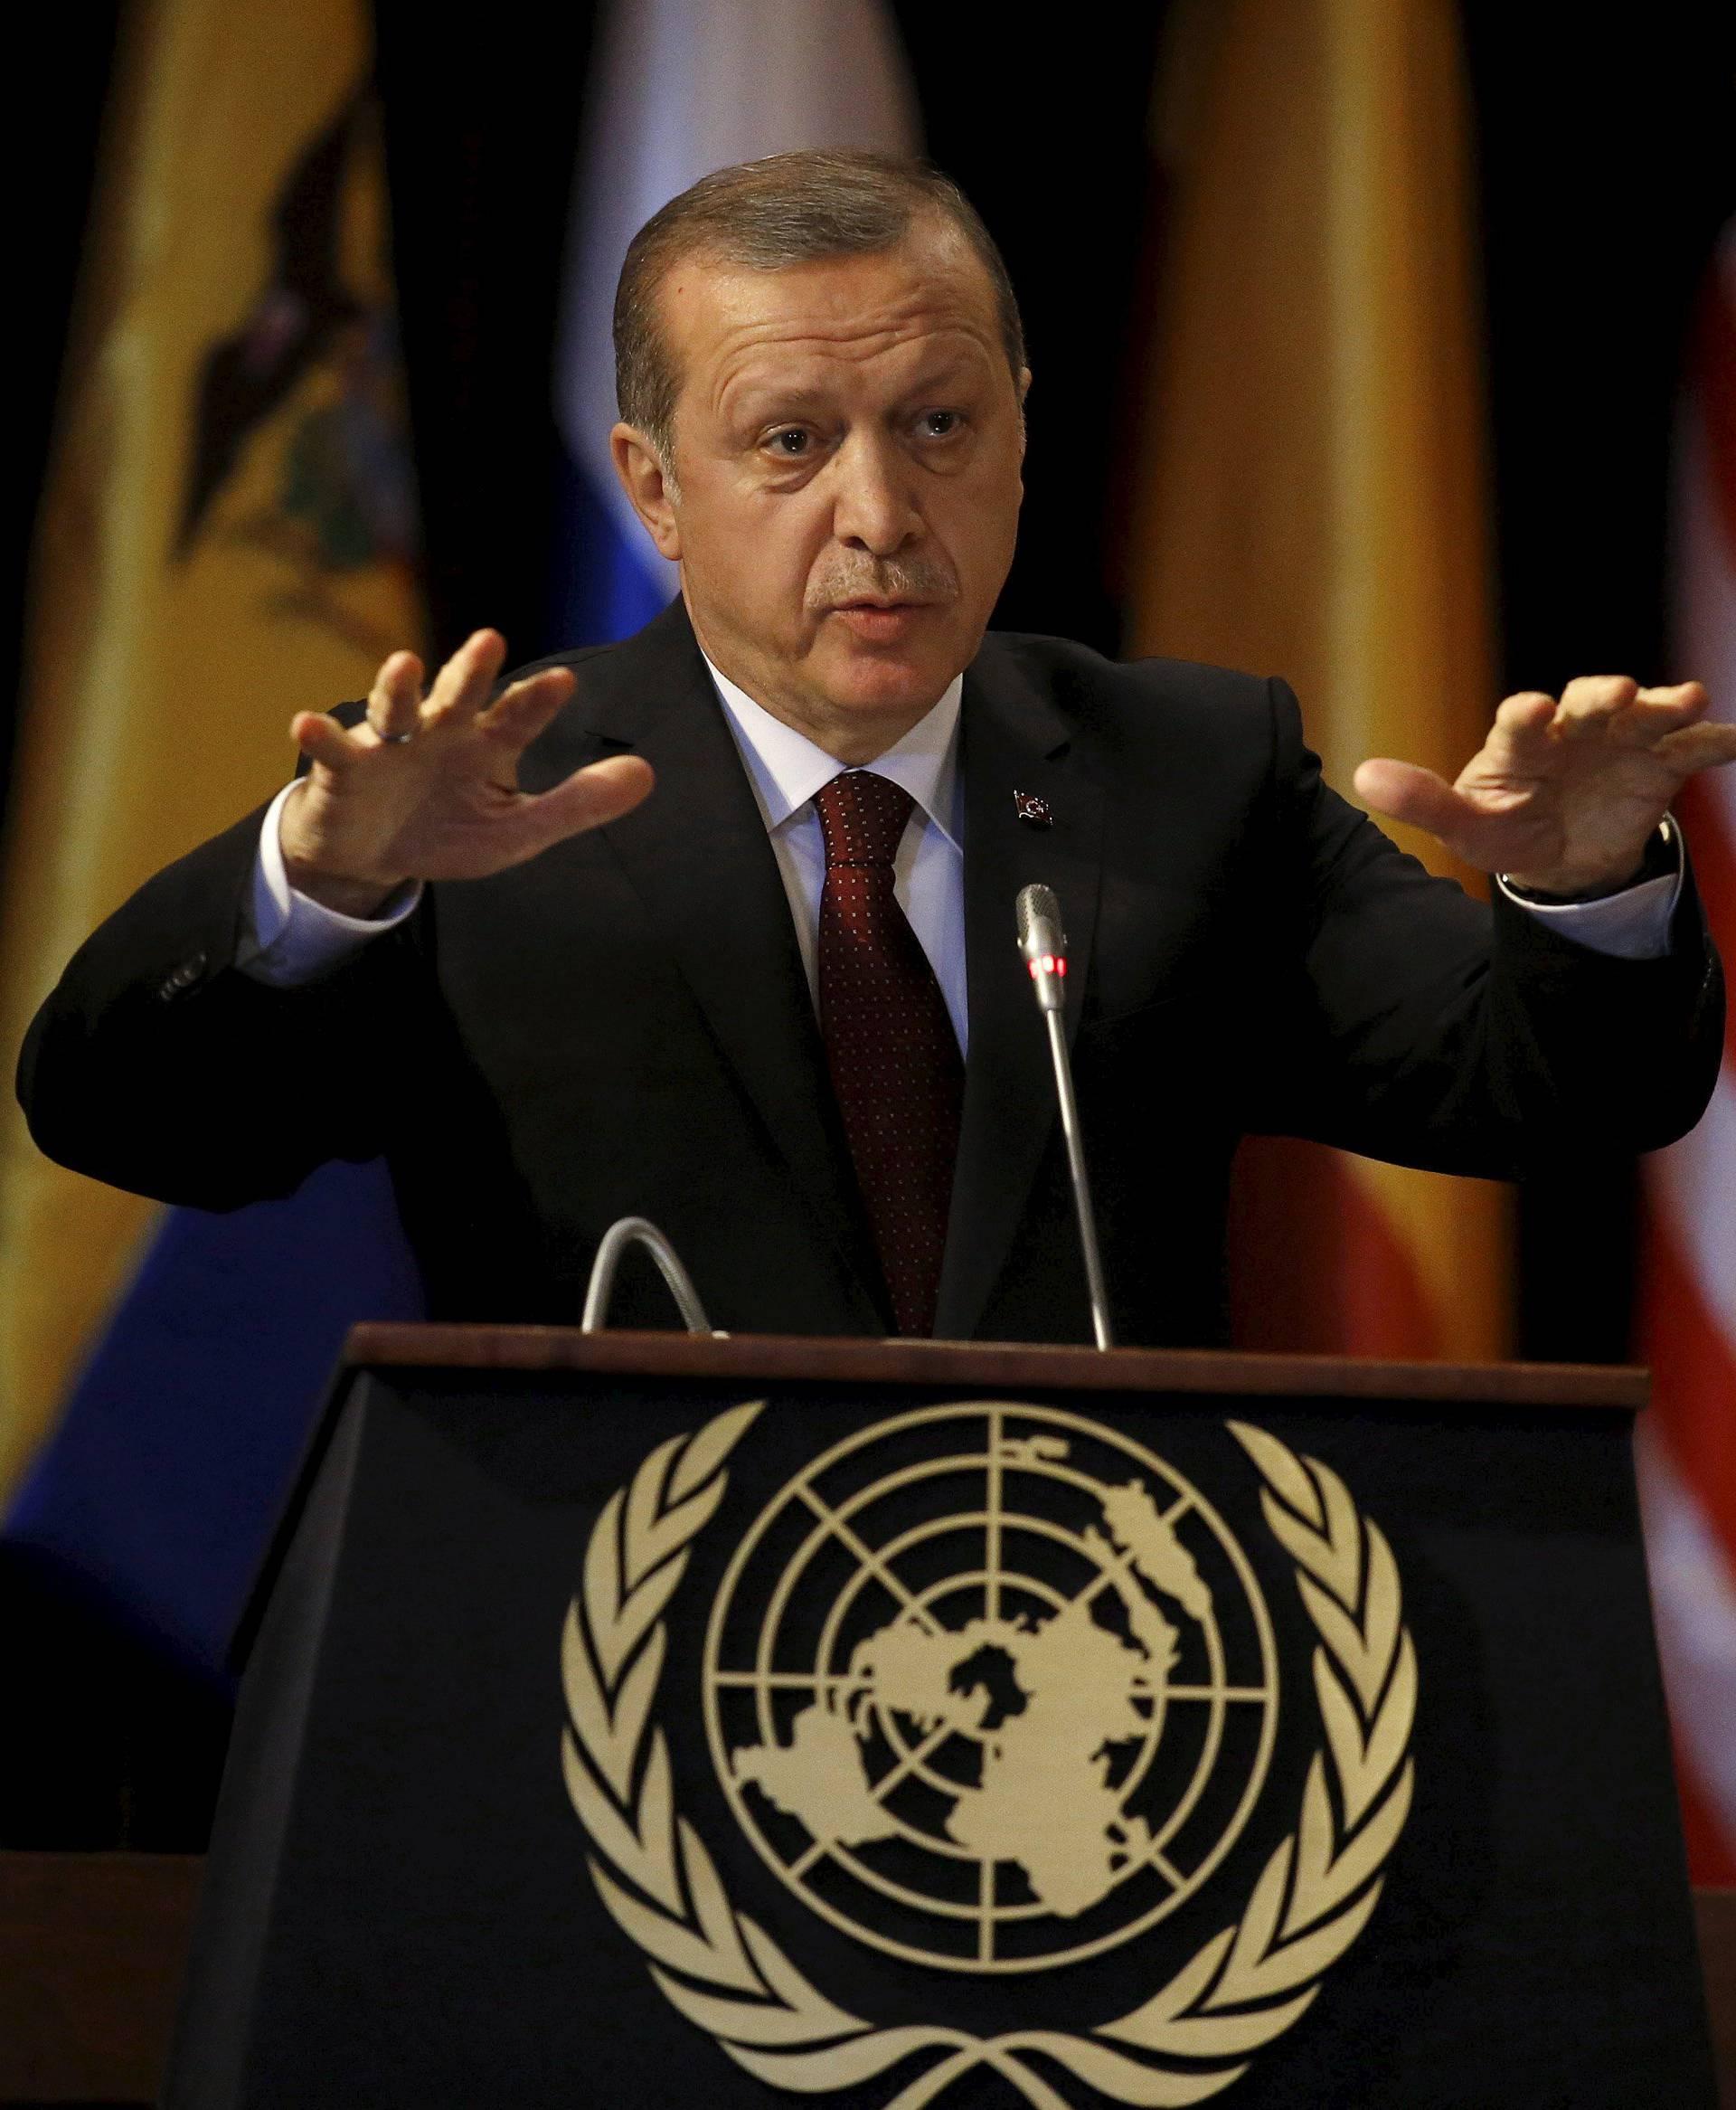 Turski novinar dobio 21 mjesec zatvora zbog uvrede Erdoganu